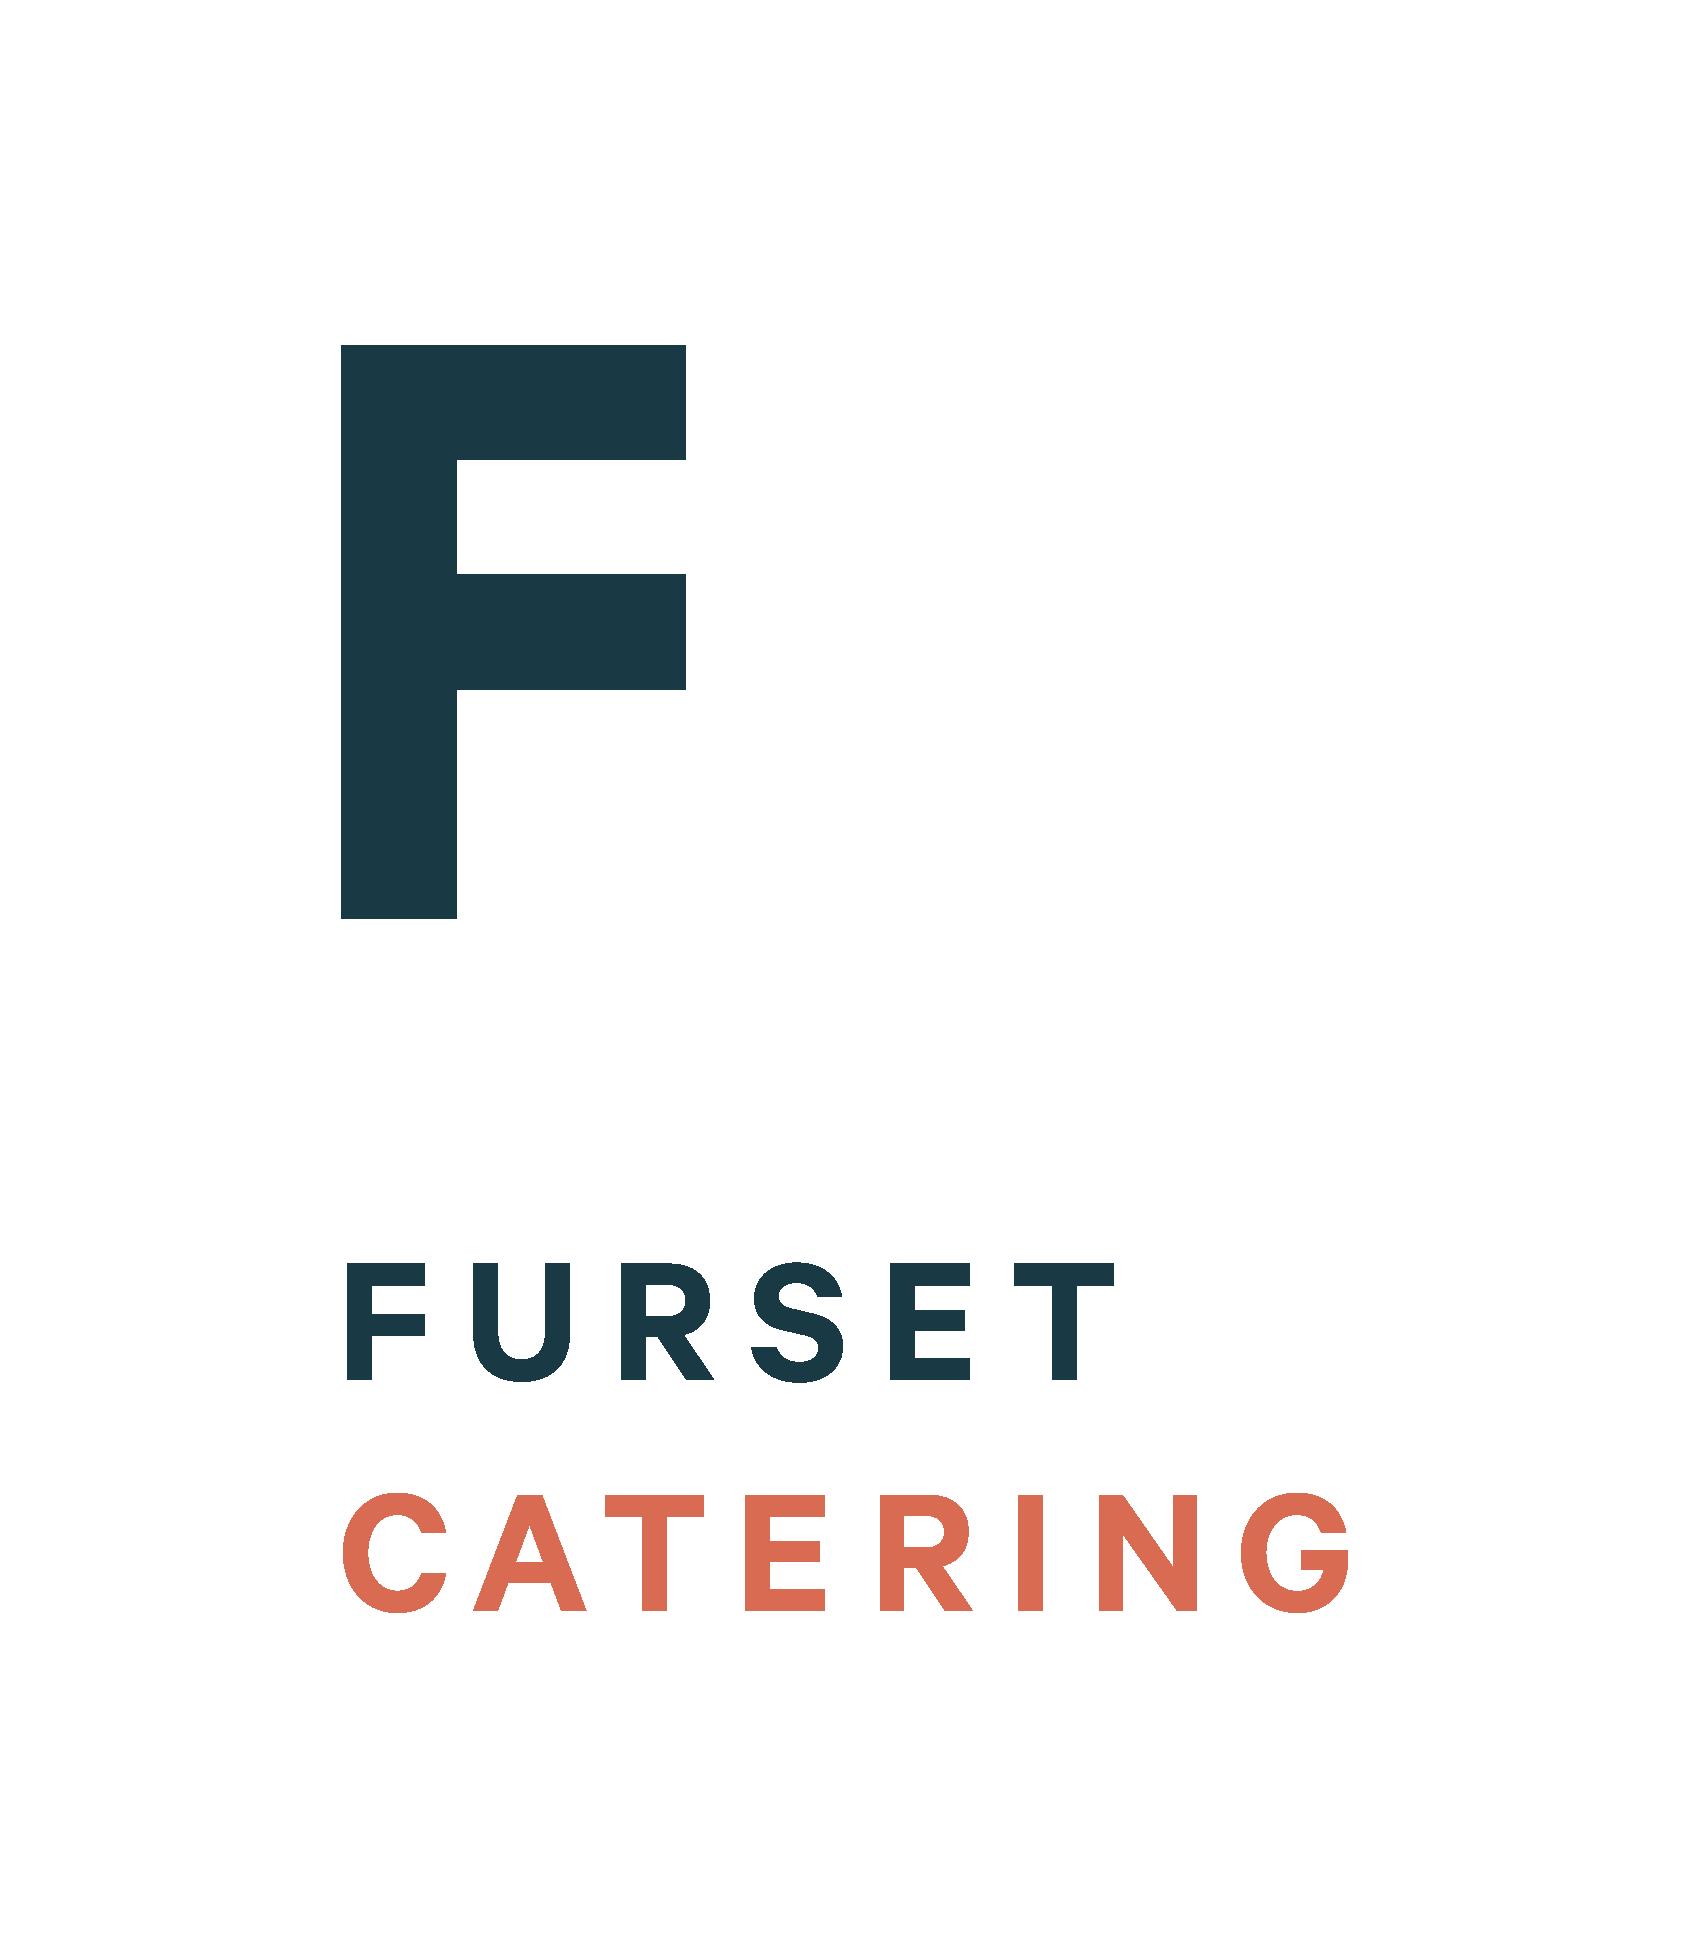 fg_catering_symbol_vertikal_rgb_positiv